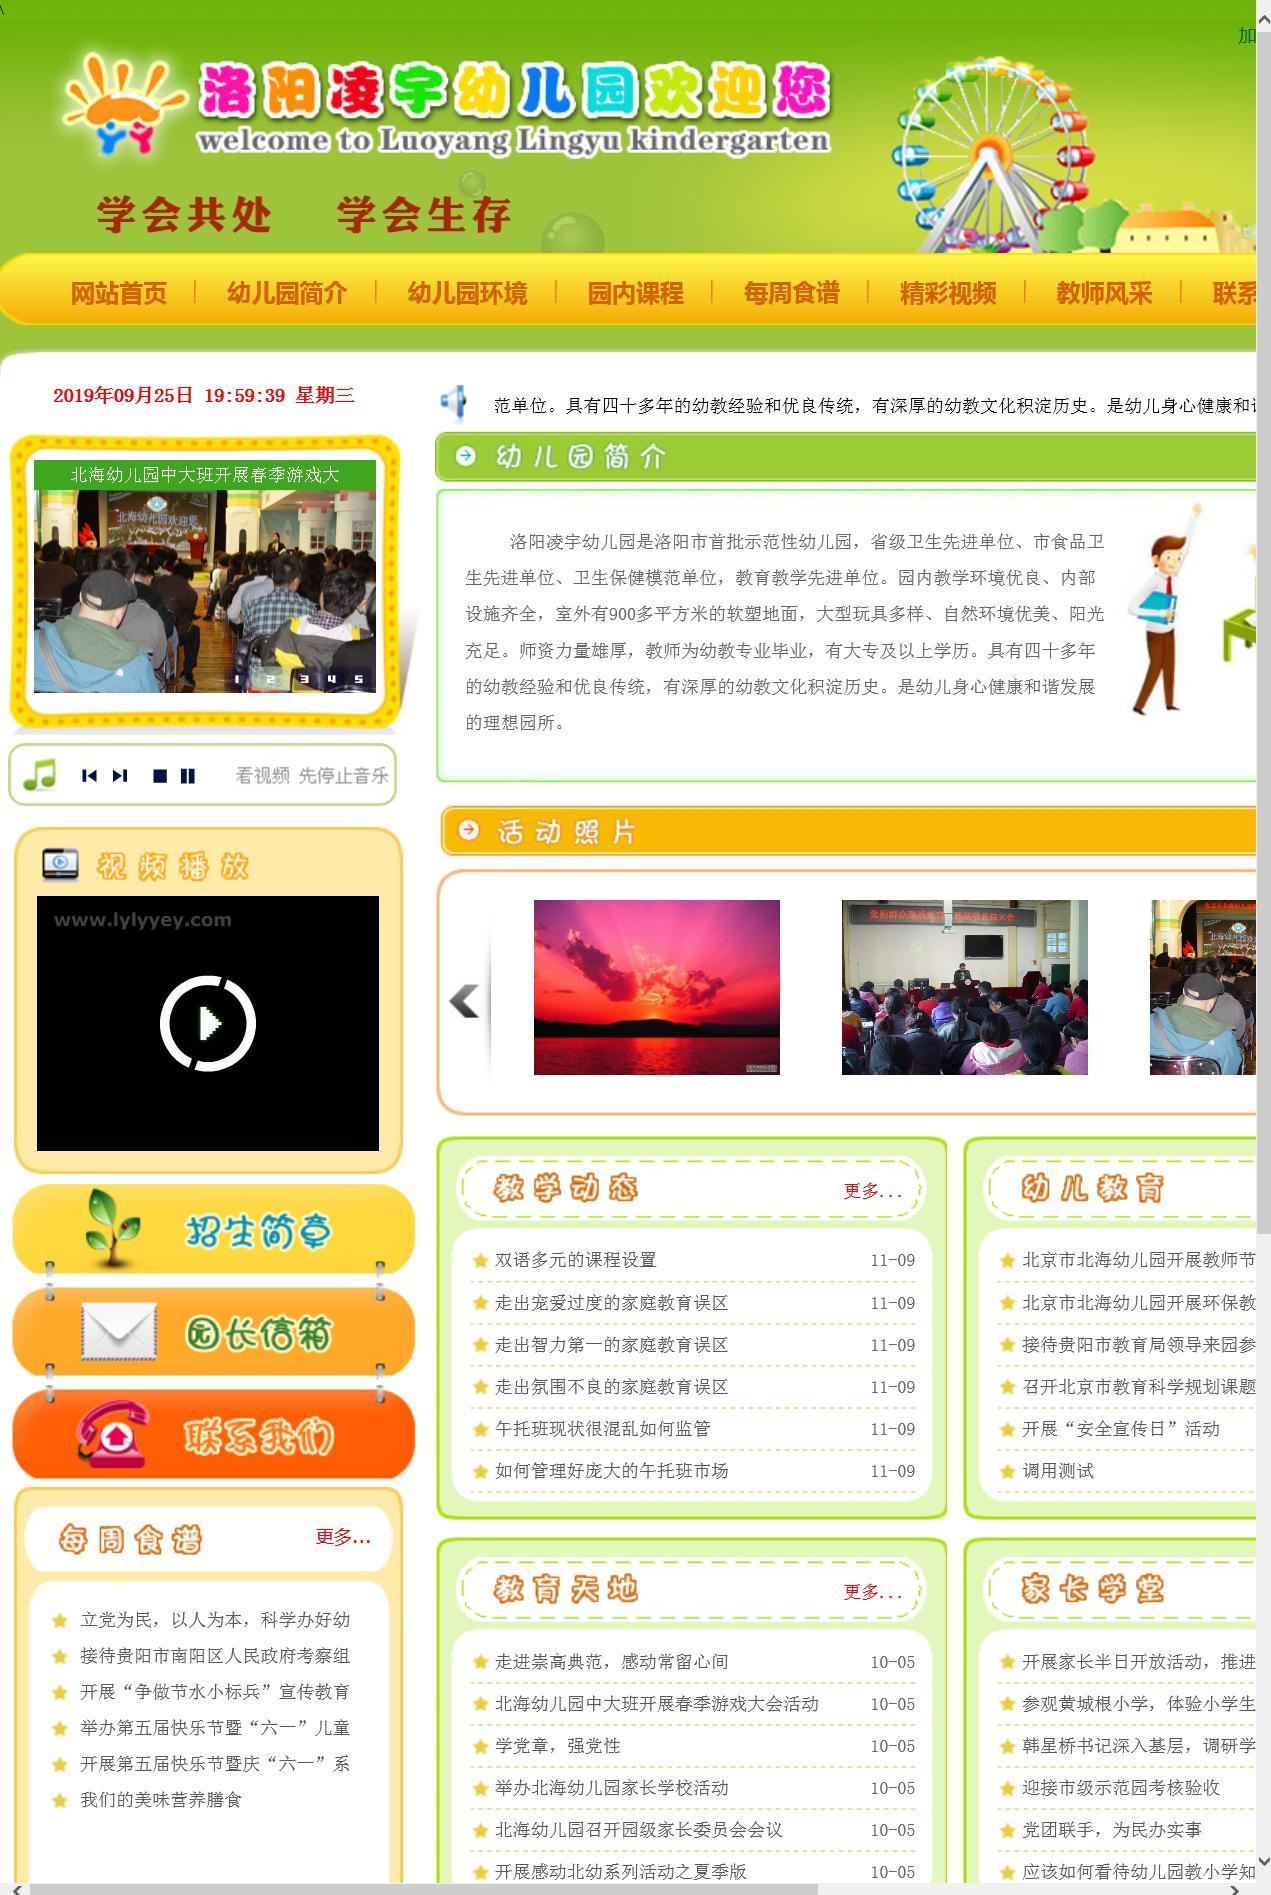 织梦dedecms浅绿色幼儿园网站整站模板